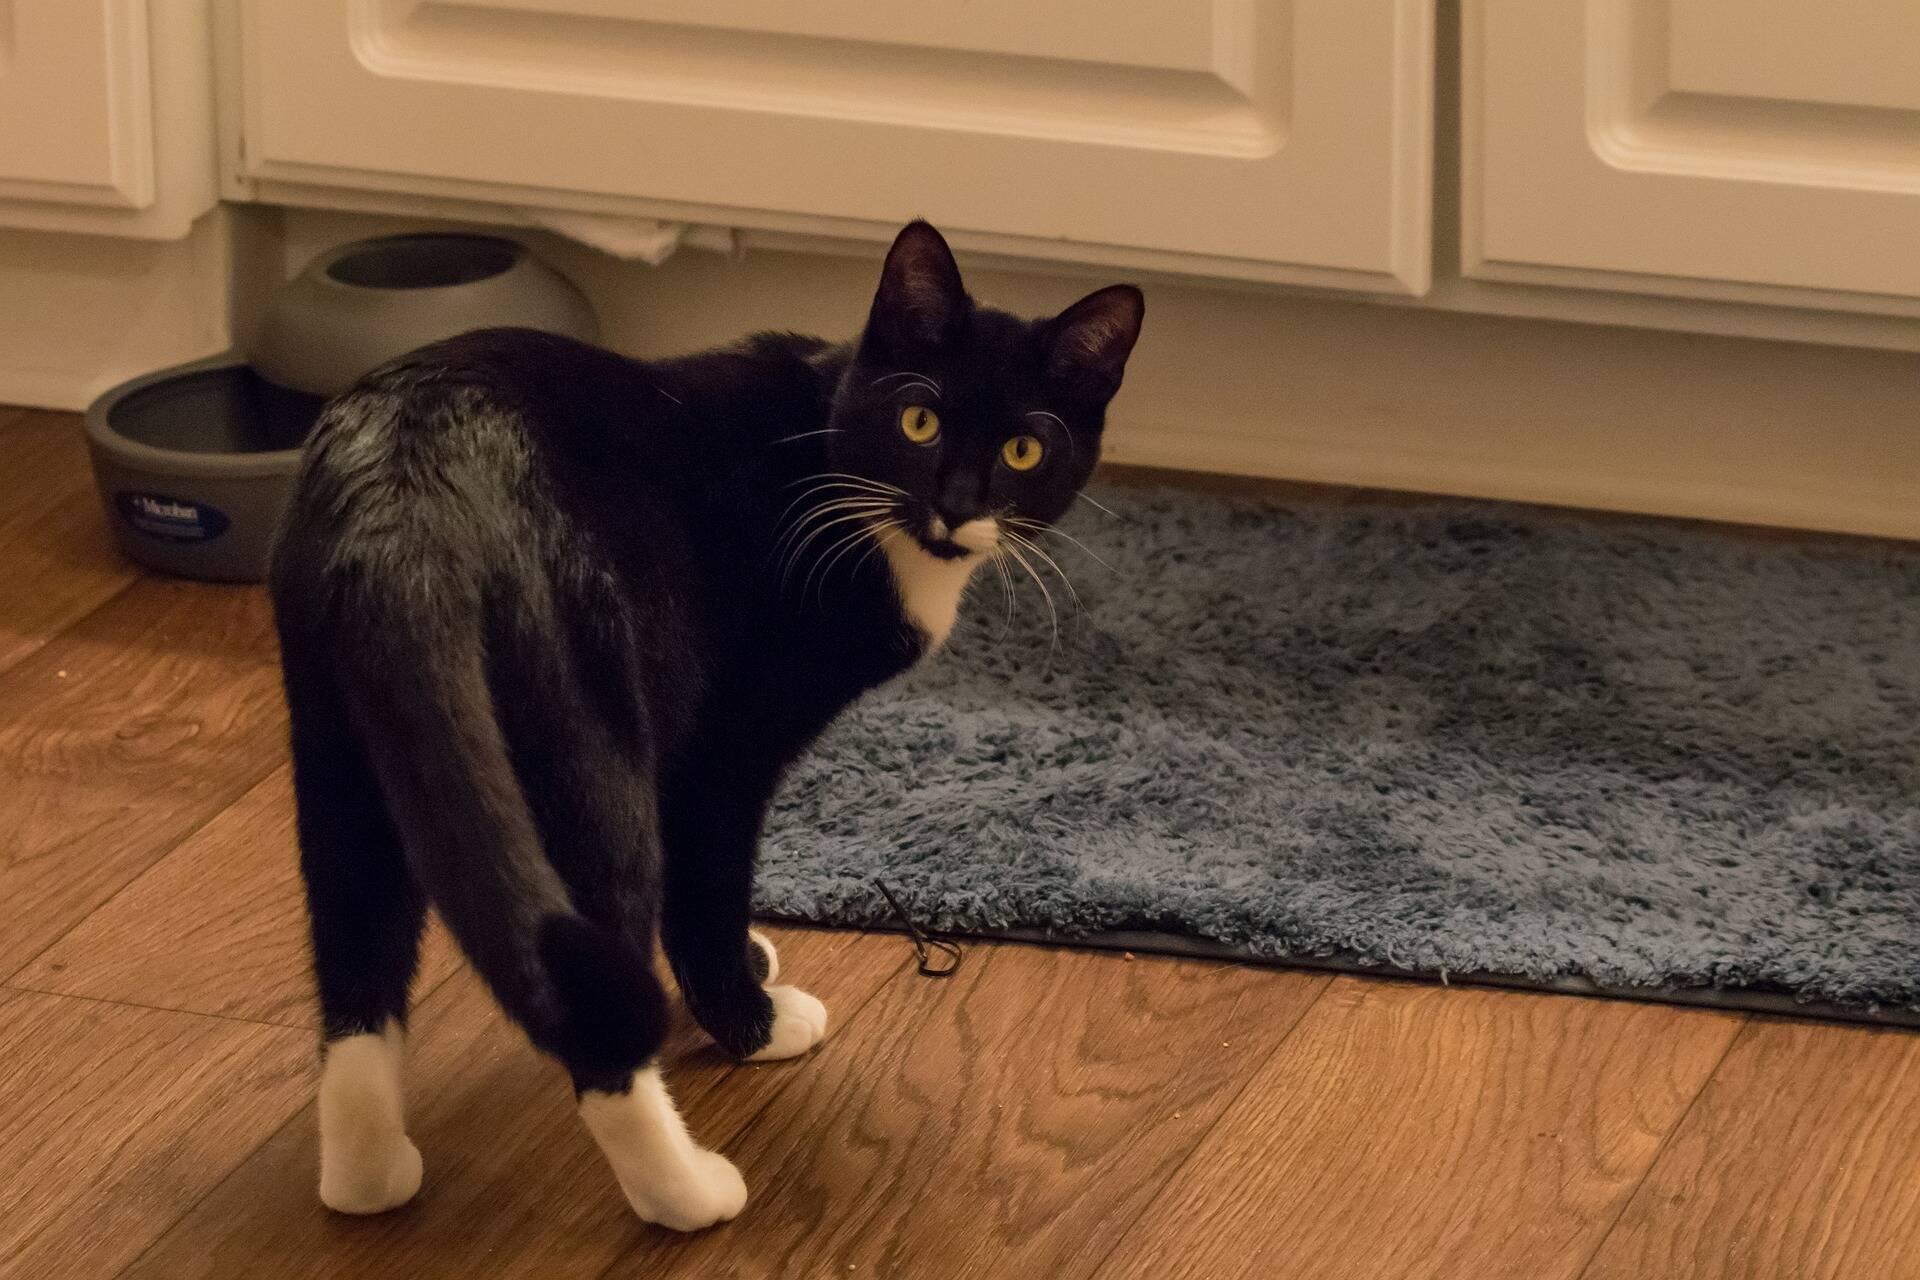 Acabou de adotar um gato? Saiba que cuidados tomar